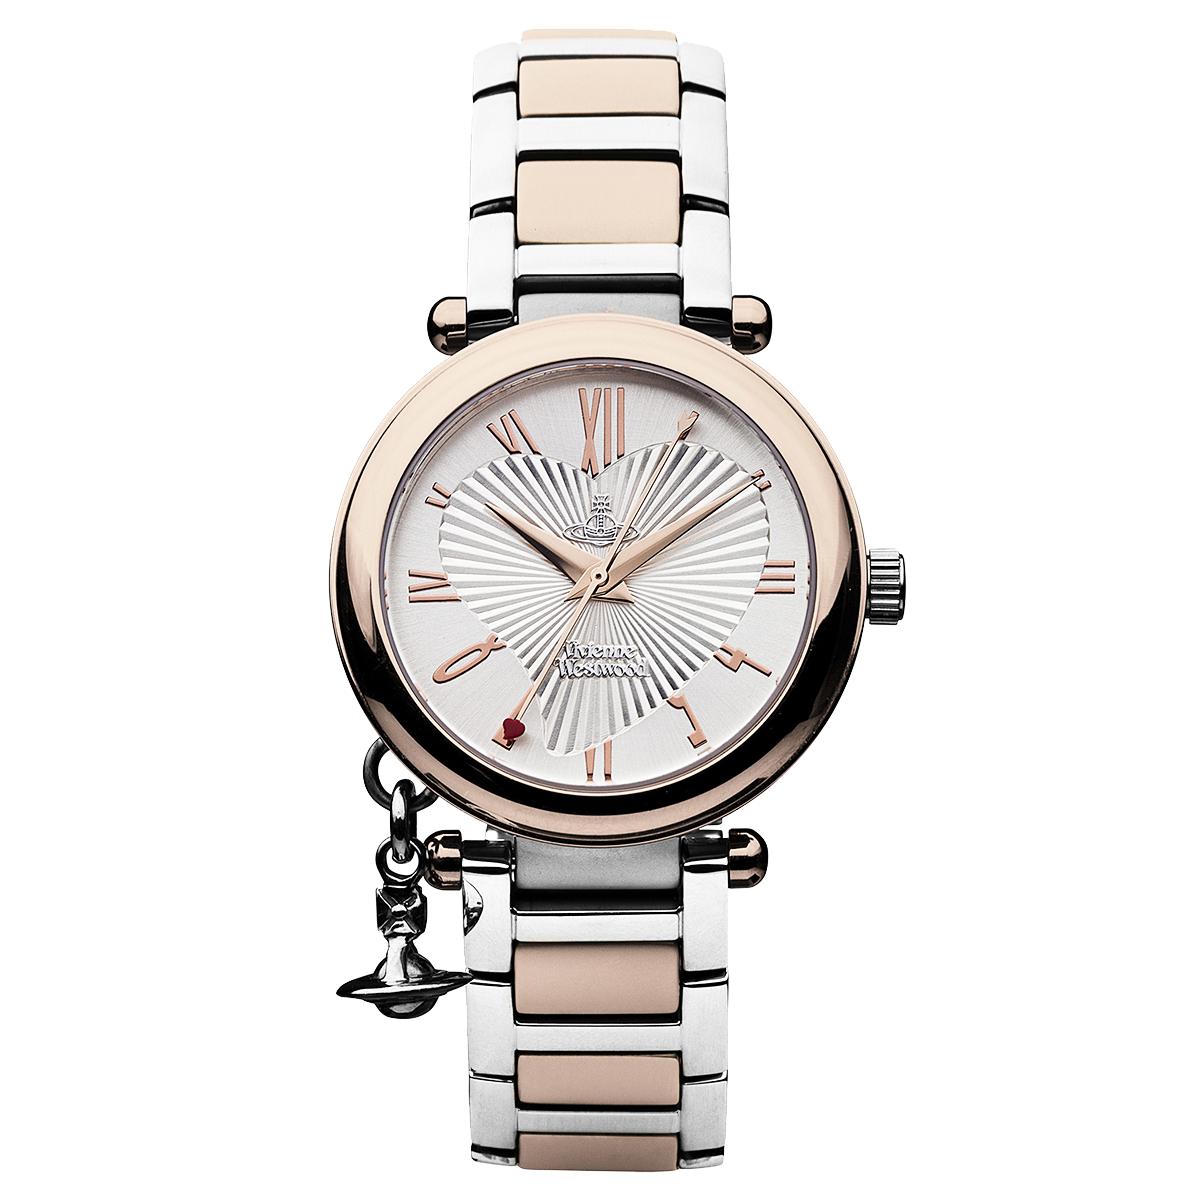 非常に高い品質 【全品送料無料】 ヴィヴィアンウエストウッド VIVIENNE VIVIENNE WESTWOOD ORB レディース オーブ VV006RSSL VV006RSSL レディース 時計 腕時計 クオーツ, COCOJOA:f0cffd1d --- delipanzapatoca.com